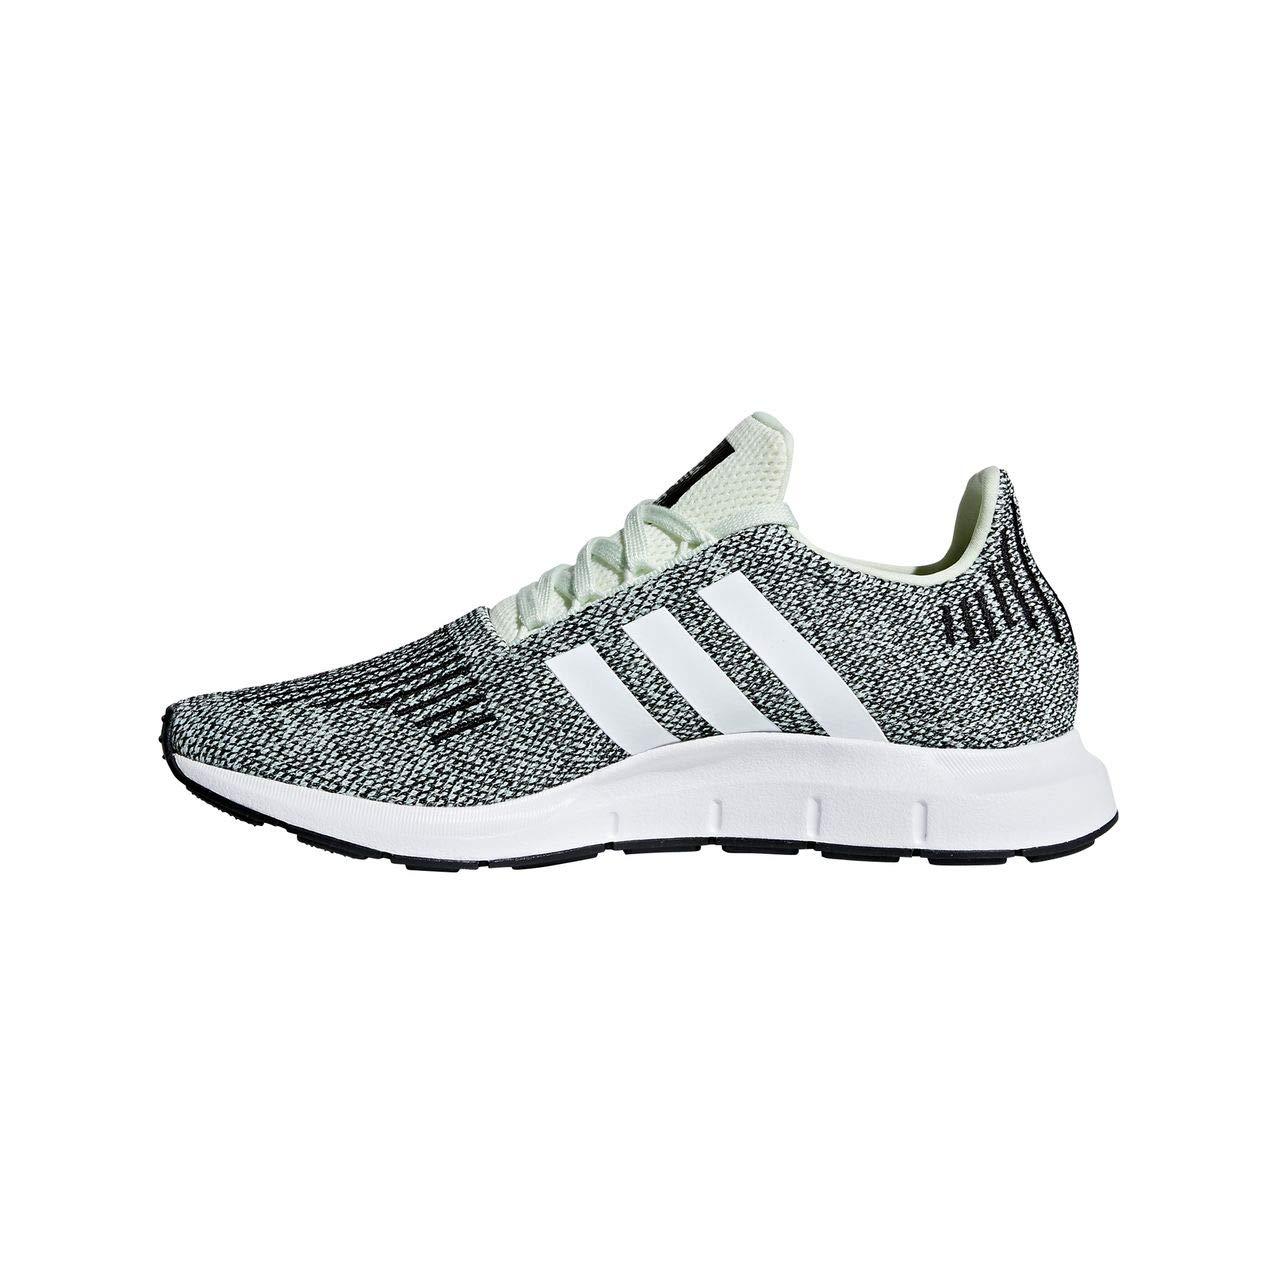 Adidas Swift Run Run Run Turnschuhe 9 UK - 43.1 3 EU 49da86